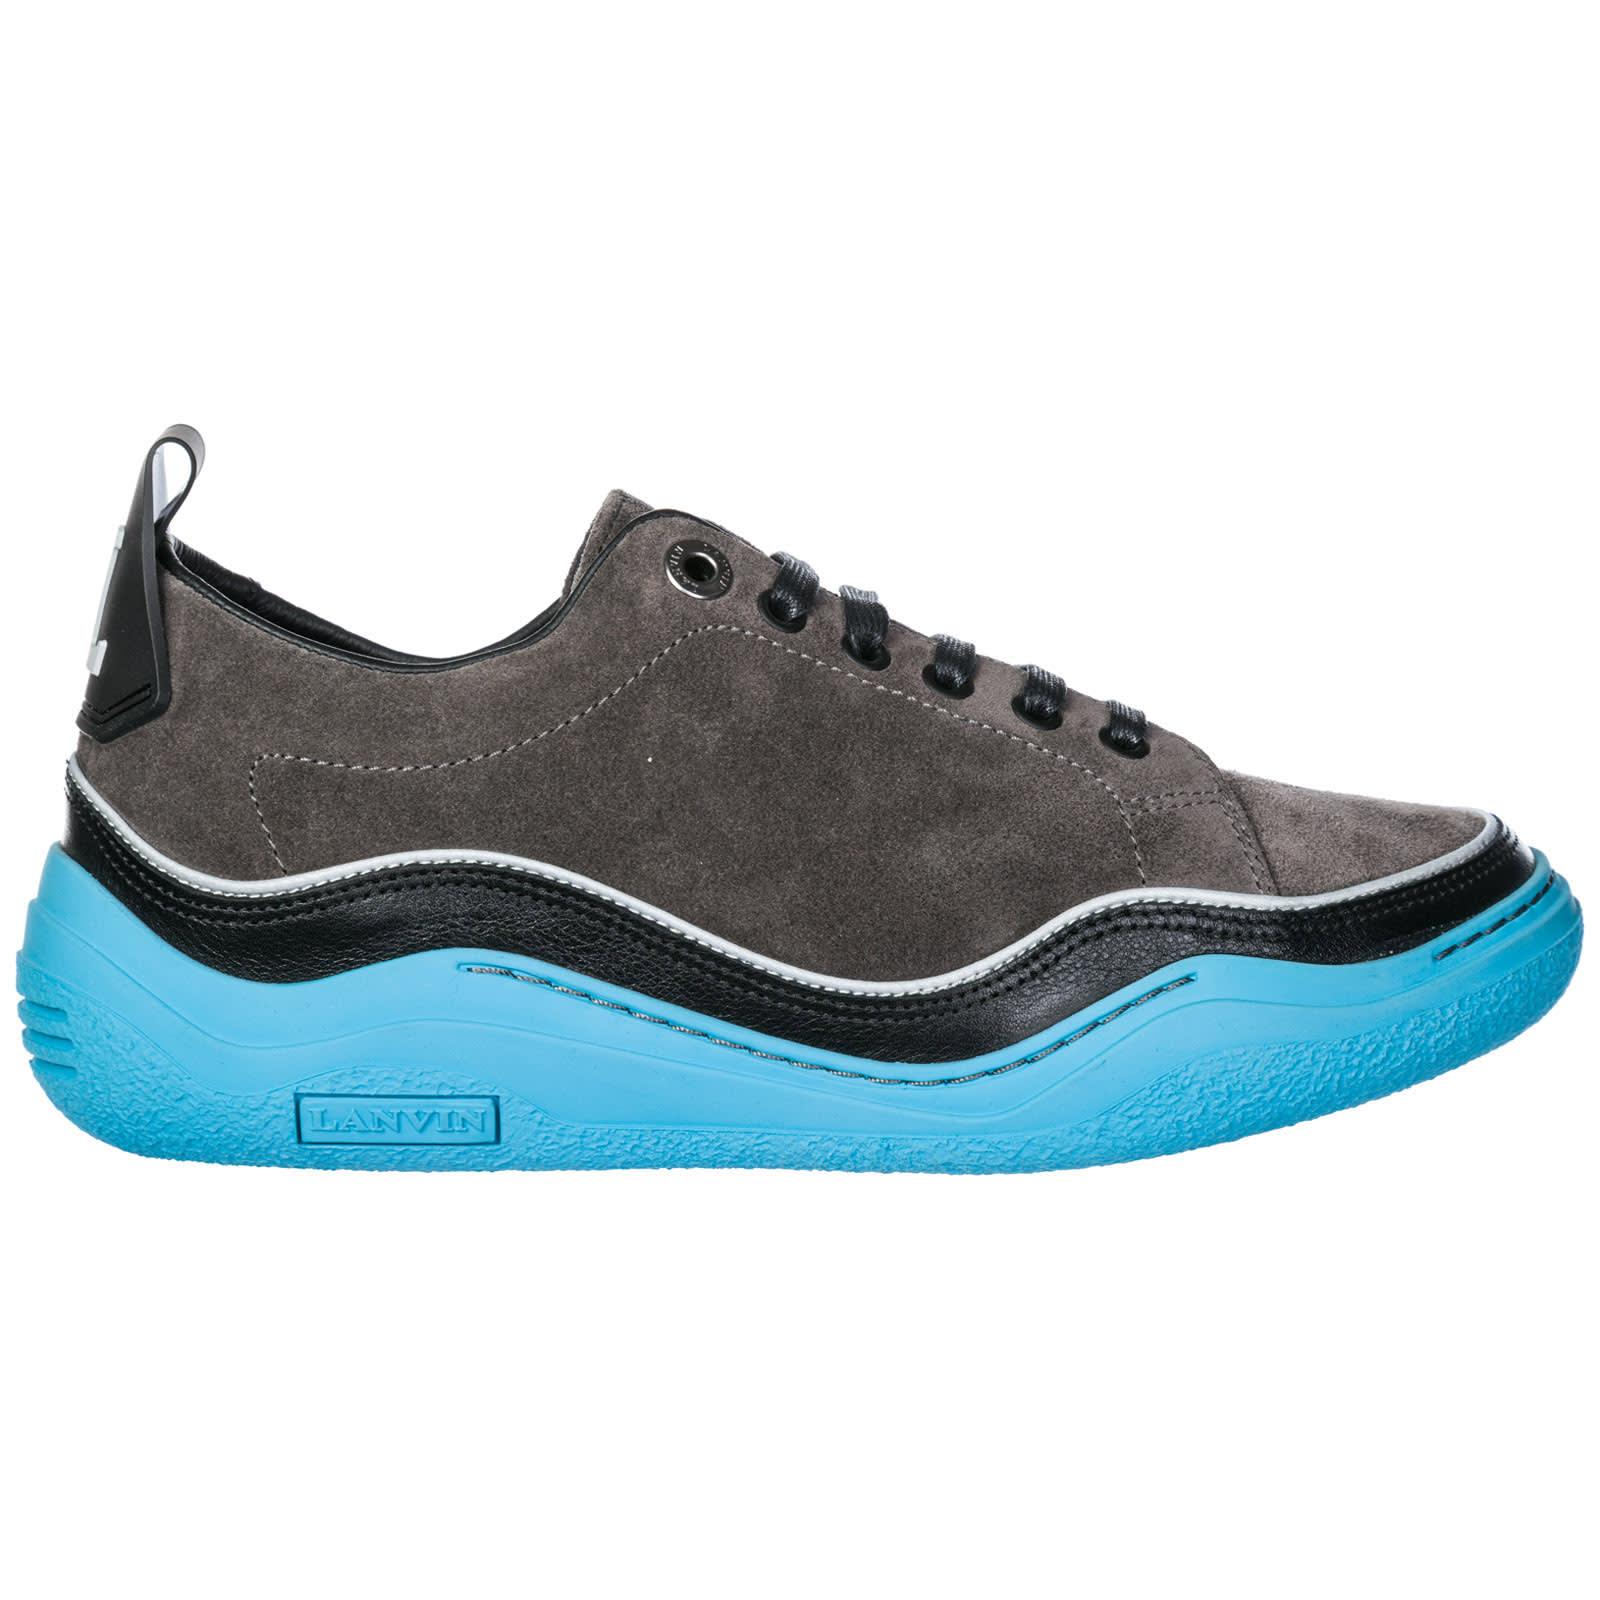 Lanvin Diving Sneakers